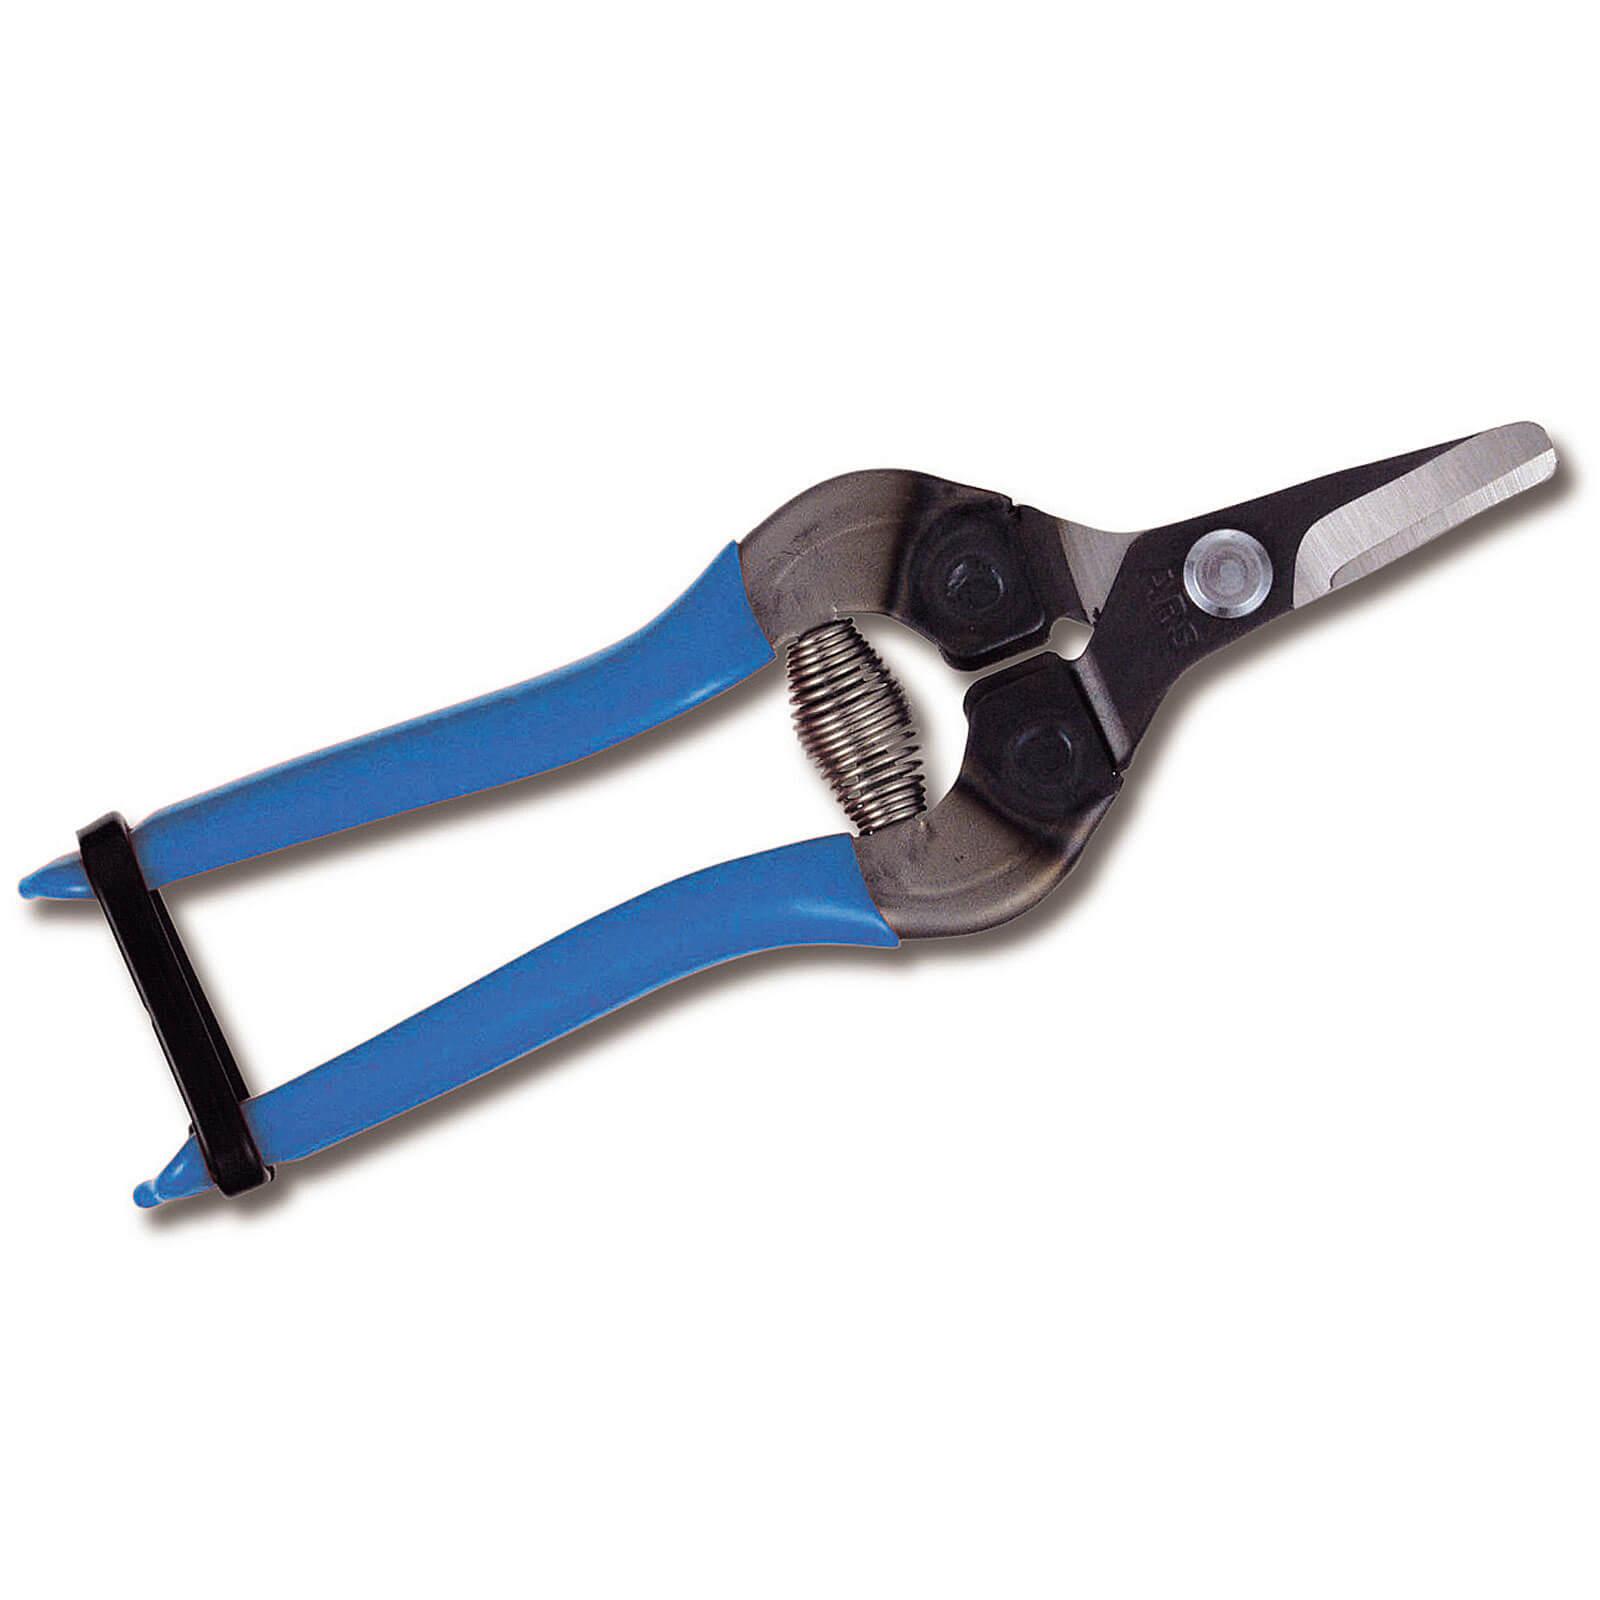 Image of ARS 310-BL Curved Blade Fruit Pruner